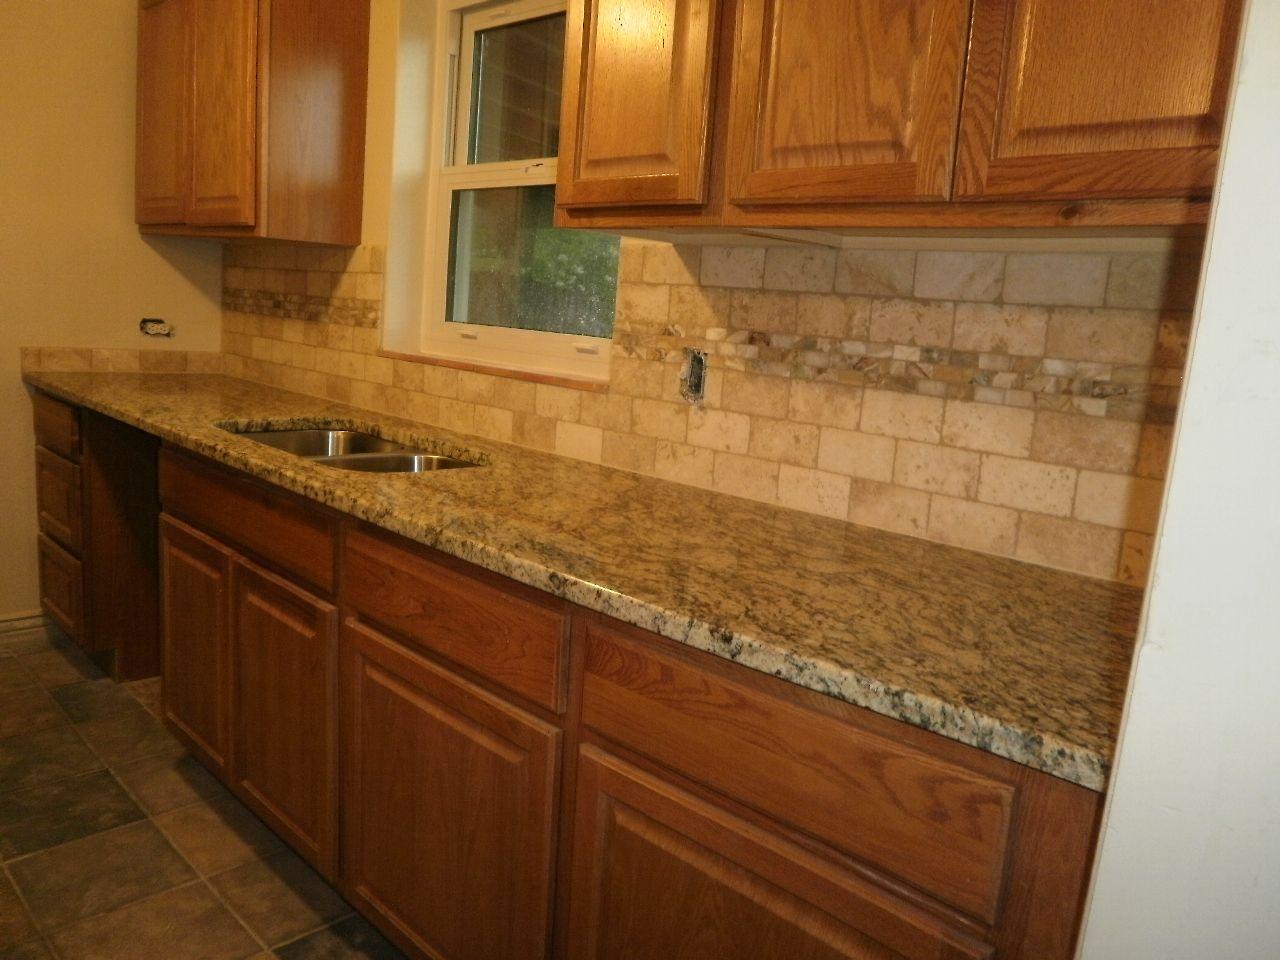 back splash kitchen backsplash designs tile backsplashes with granite countertops Kitchen Tile Backsplash Ideas Granite Countertops Backsplash